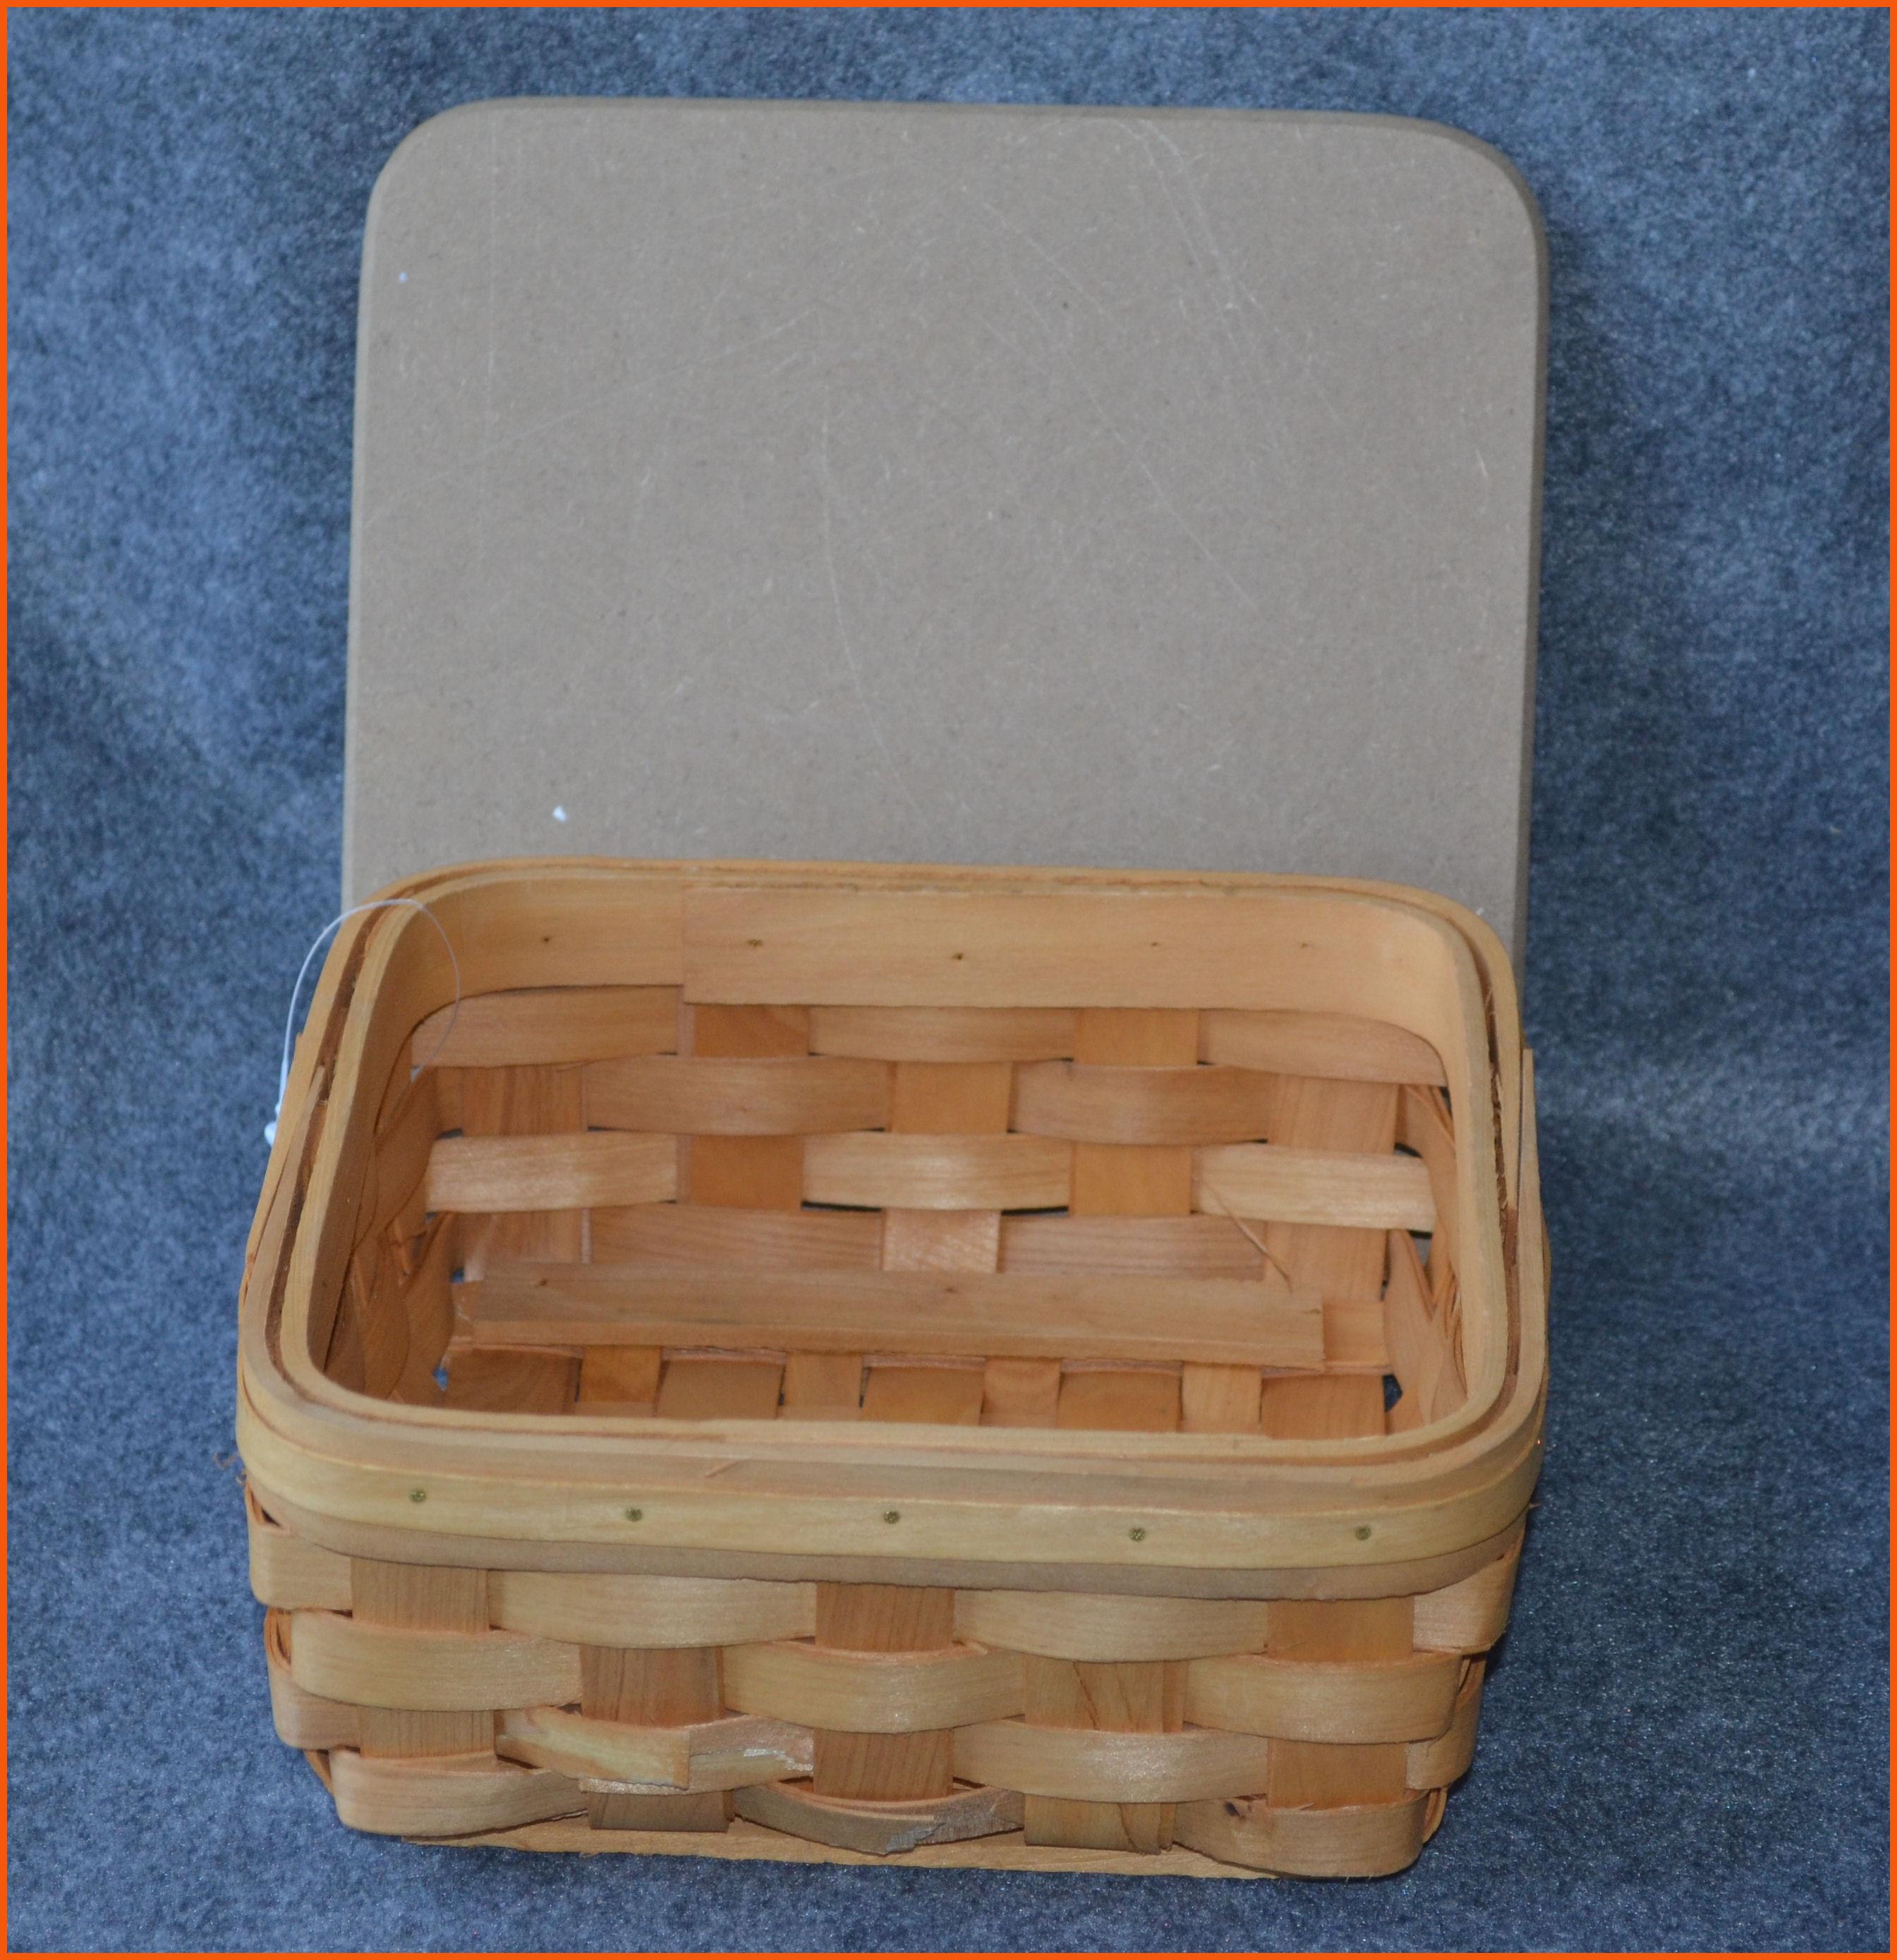 basket-square-reed-basket-with-mdf-lid-8-x-8-284817-lid-off.jpg